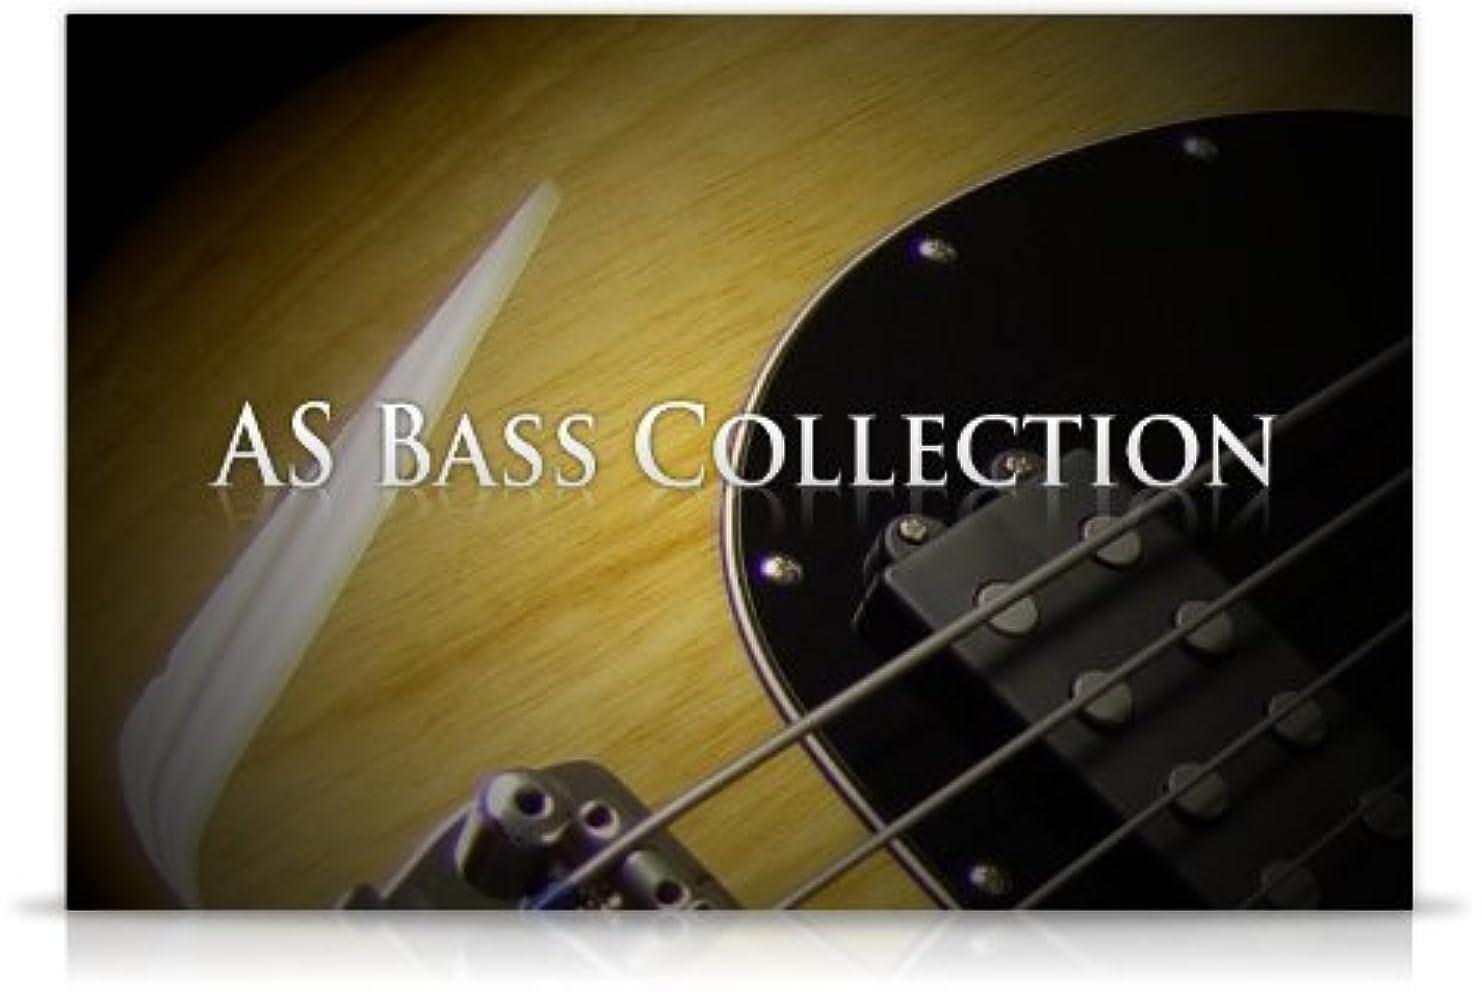 カスケード引用絶縁するAS Bass Collection -ベース音源-